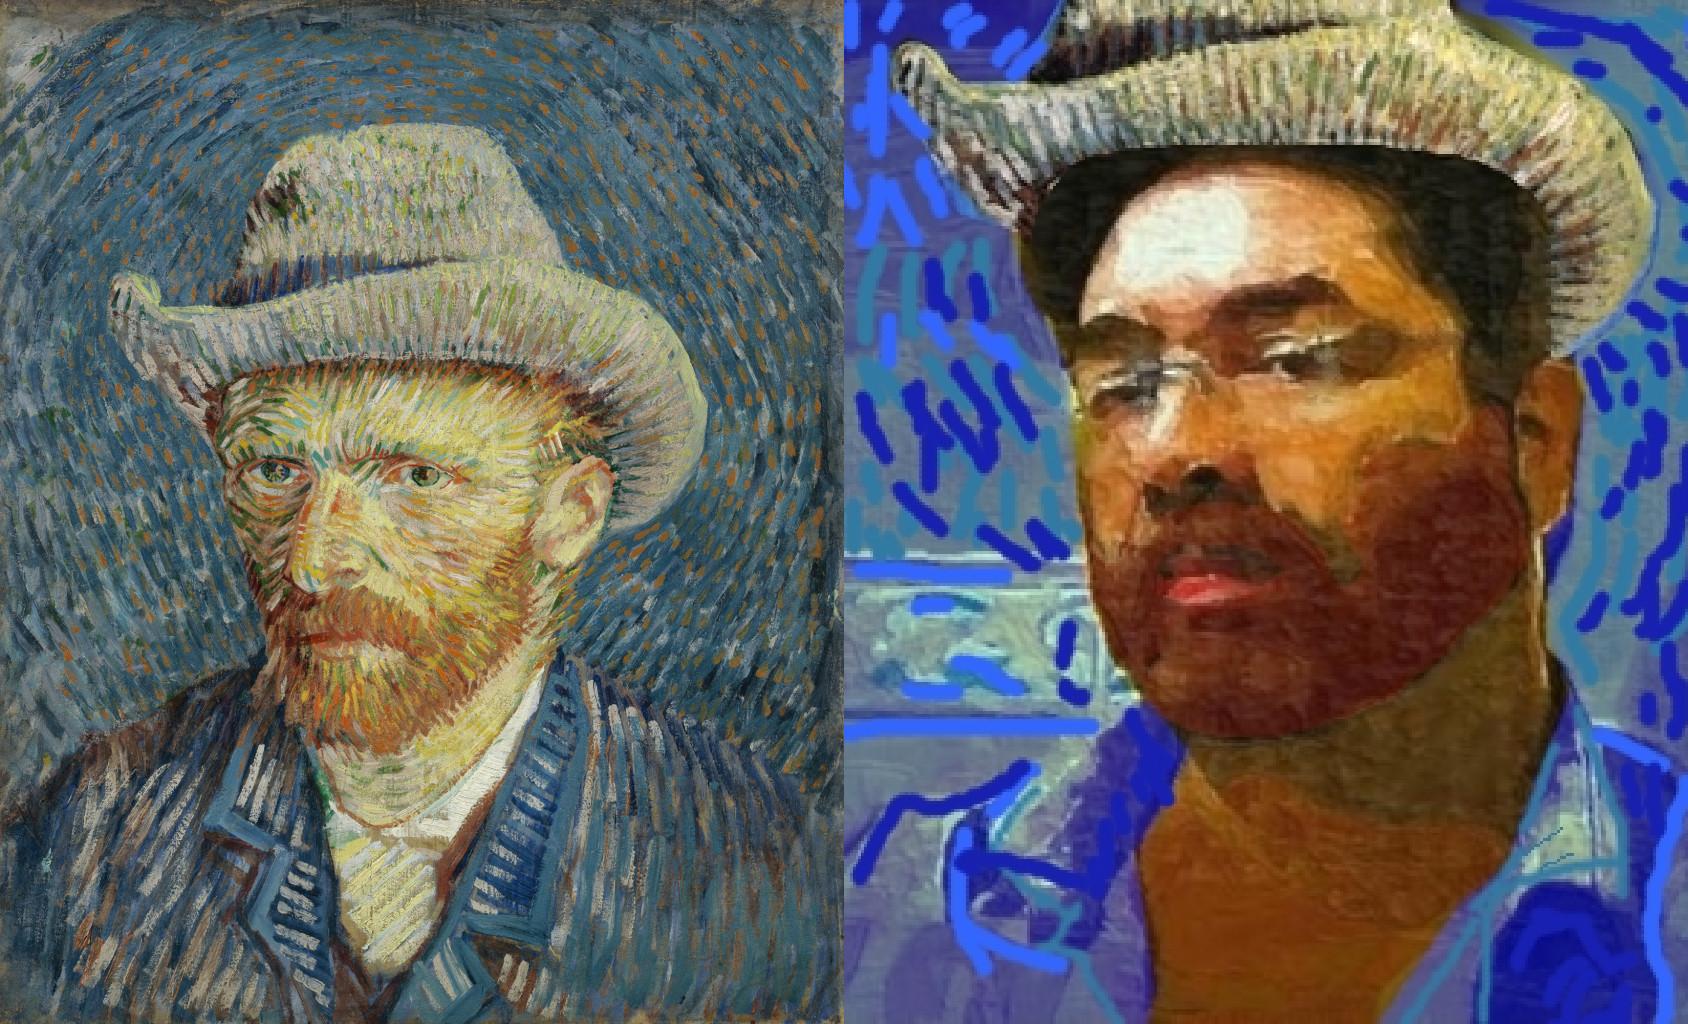 Self-Portrait with Grey Felt Hat, Vincent van Gogh (1853-1890) vanGo'd by David Parr